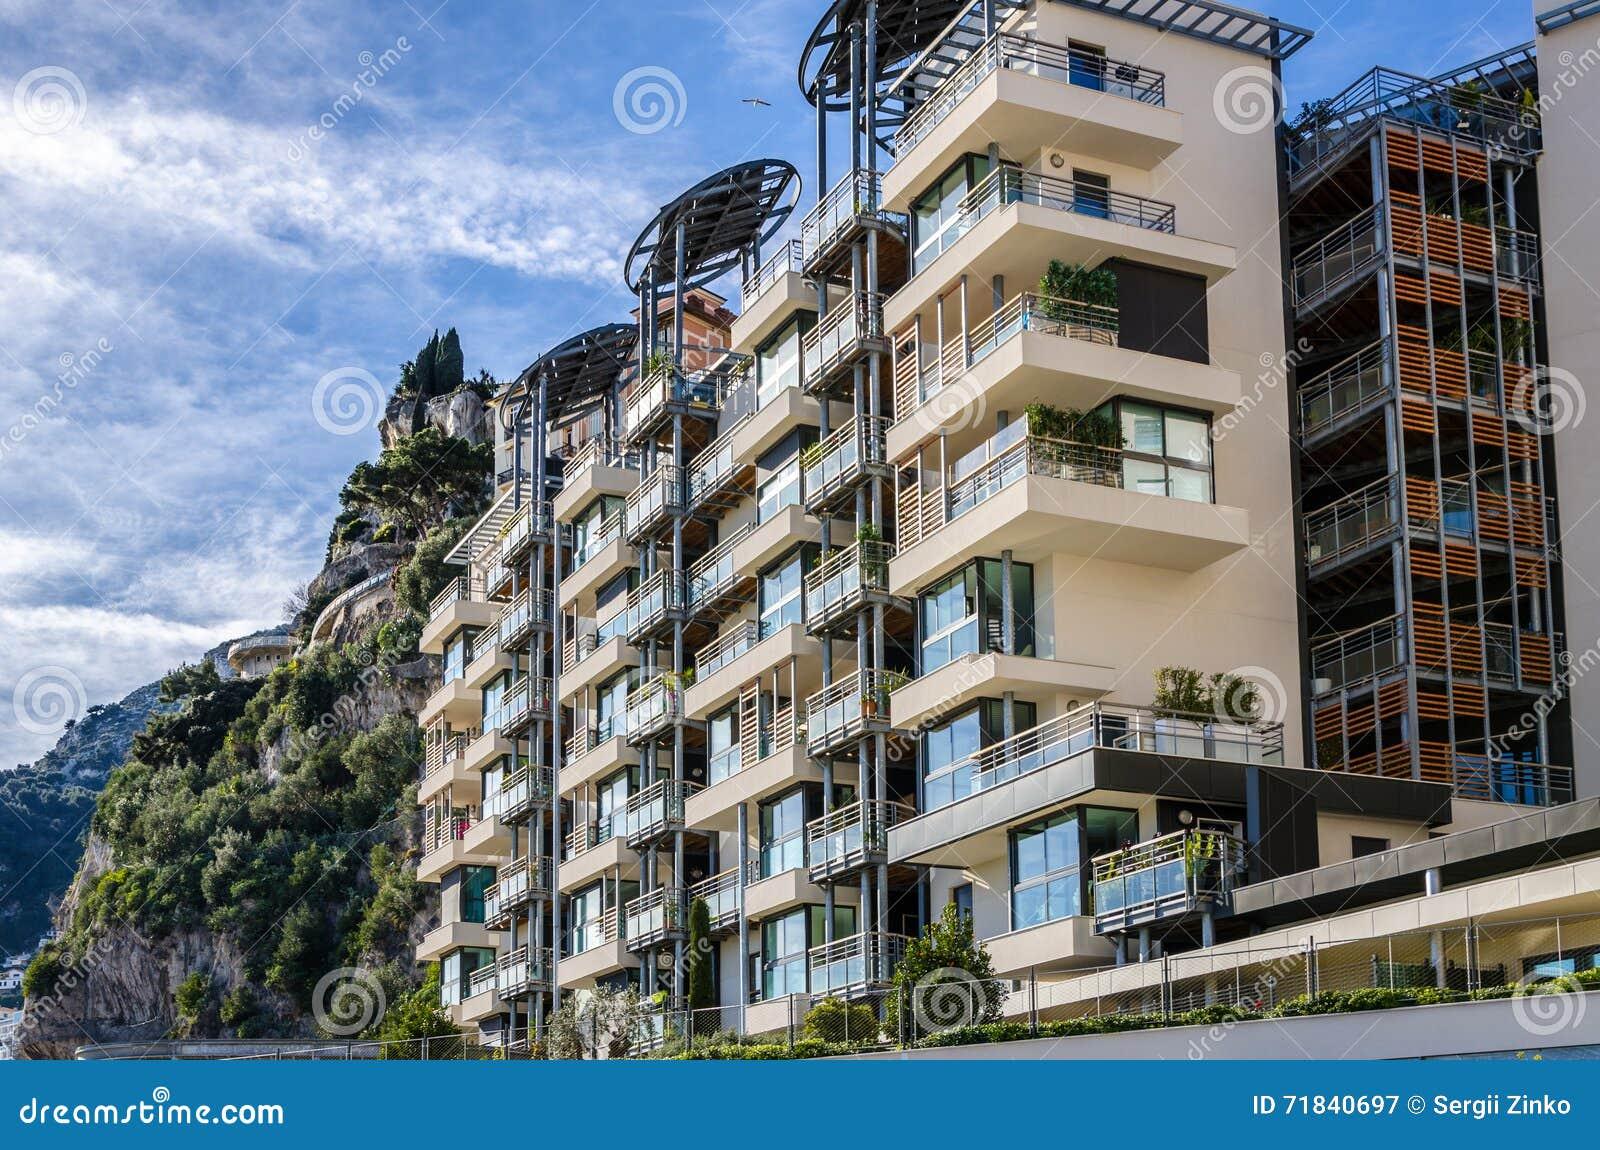 Moderne Häuser In Den Bergen Von Monaco Stockbild - Bild von haus ...